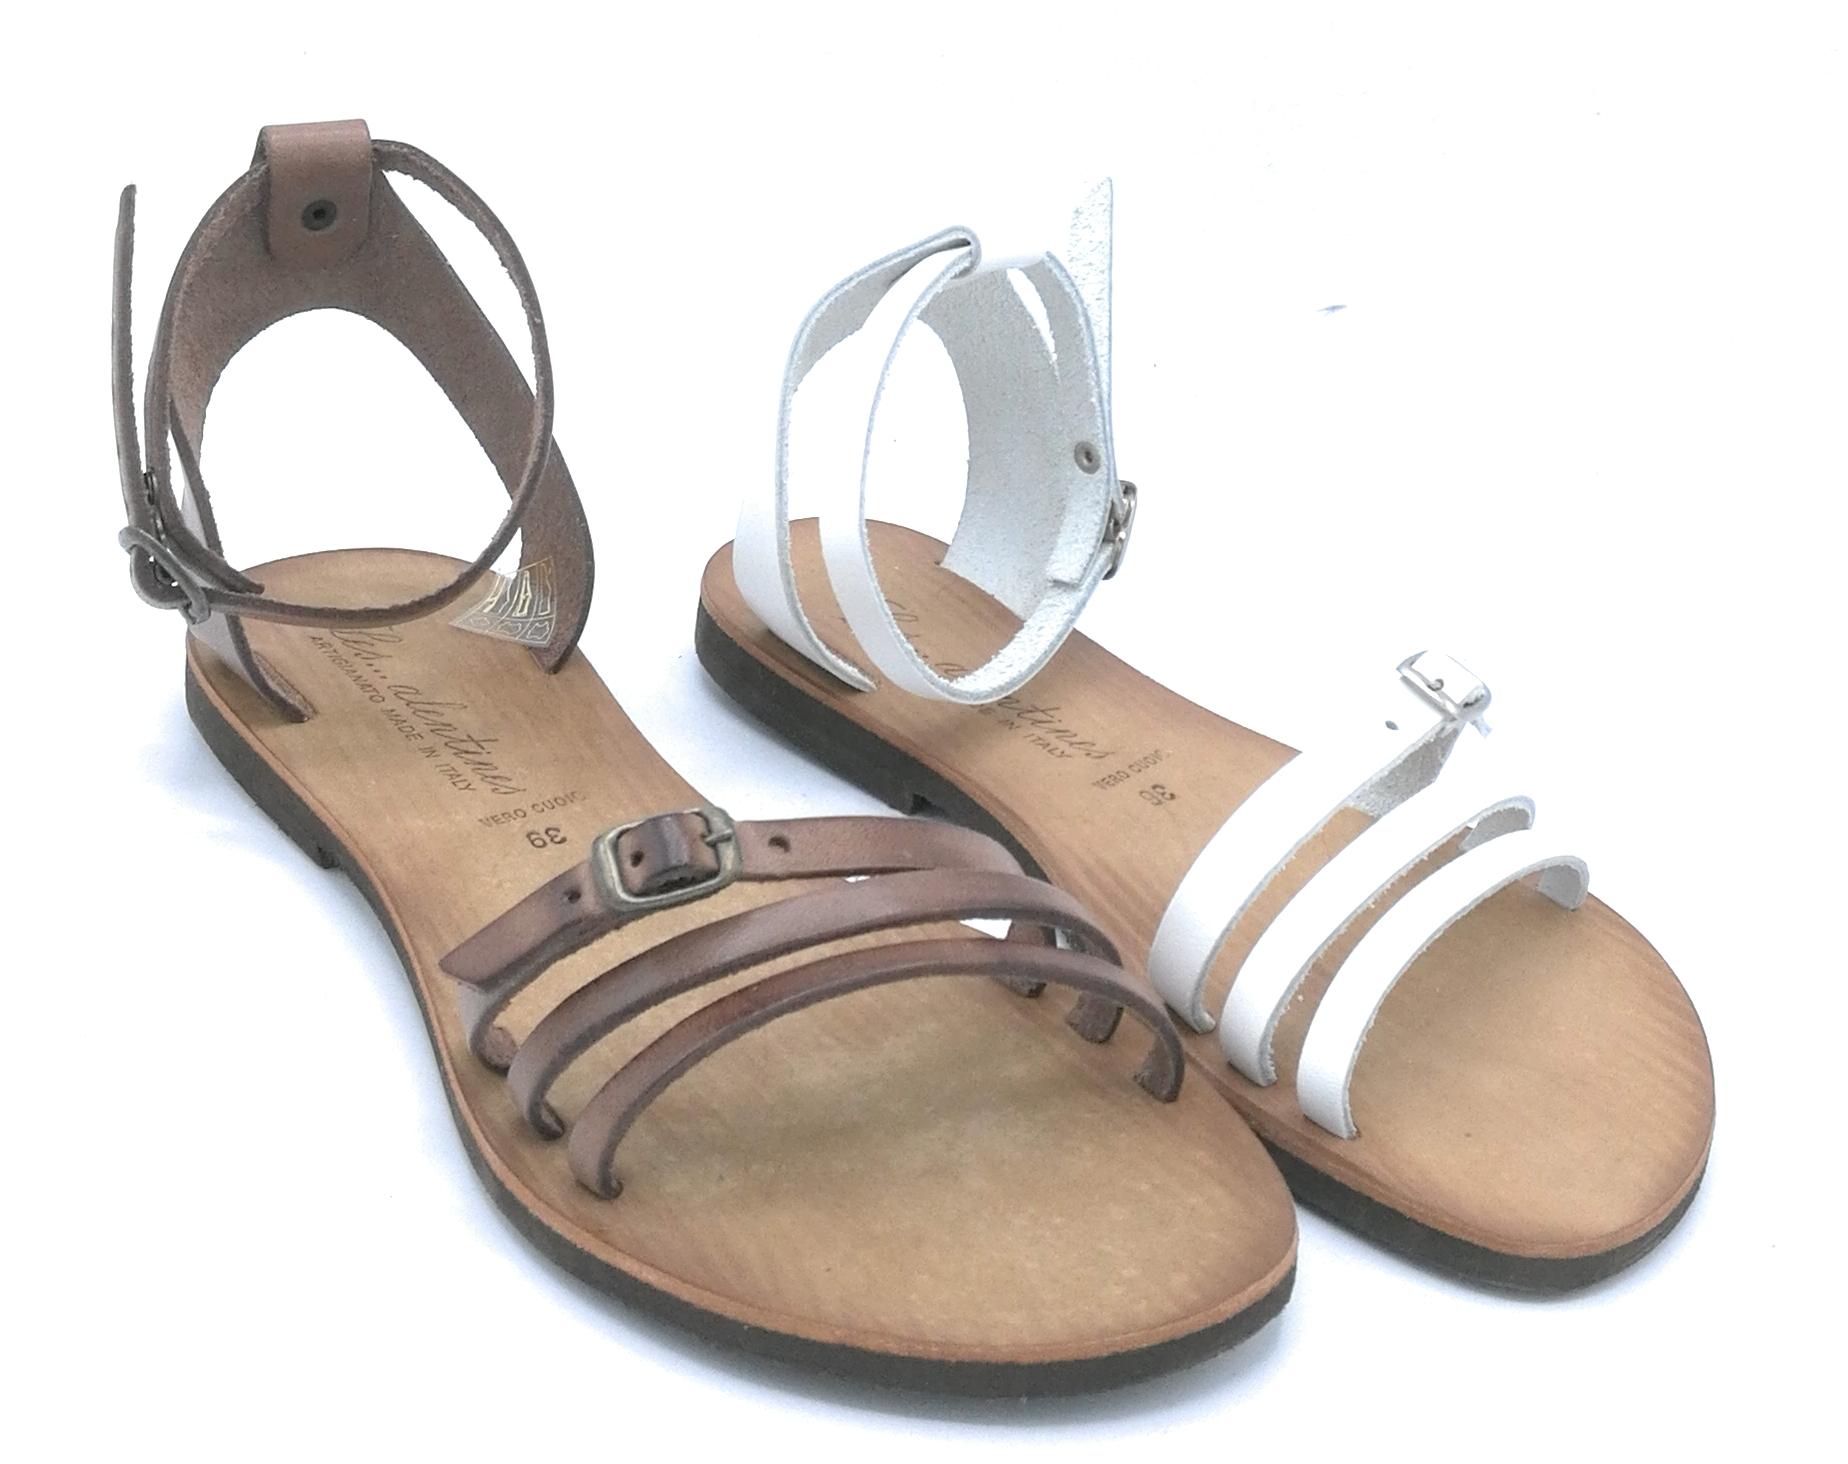 Micro Cinturini Les Sandalo Cuoio Bianco Alentines 2 Basso Nw8n0PXkO